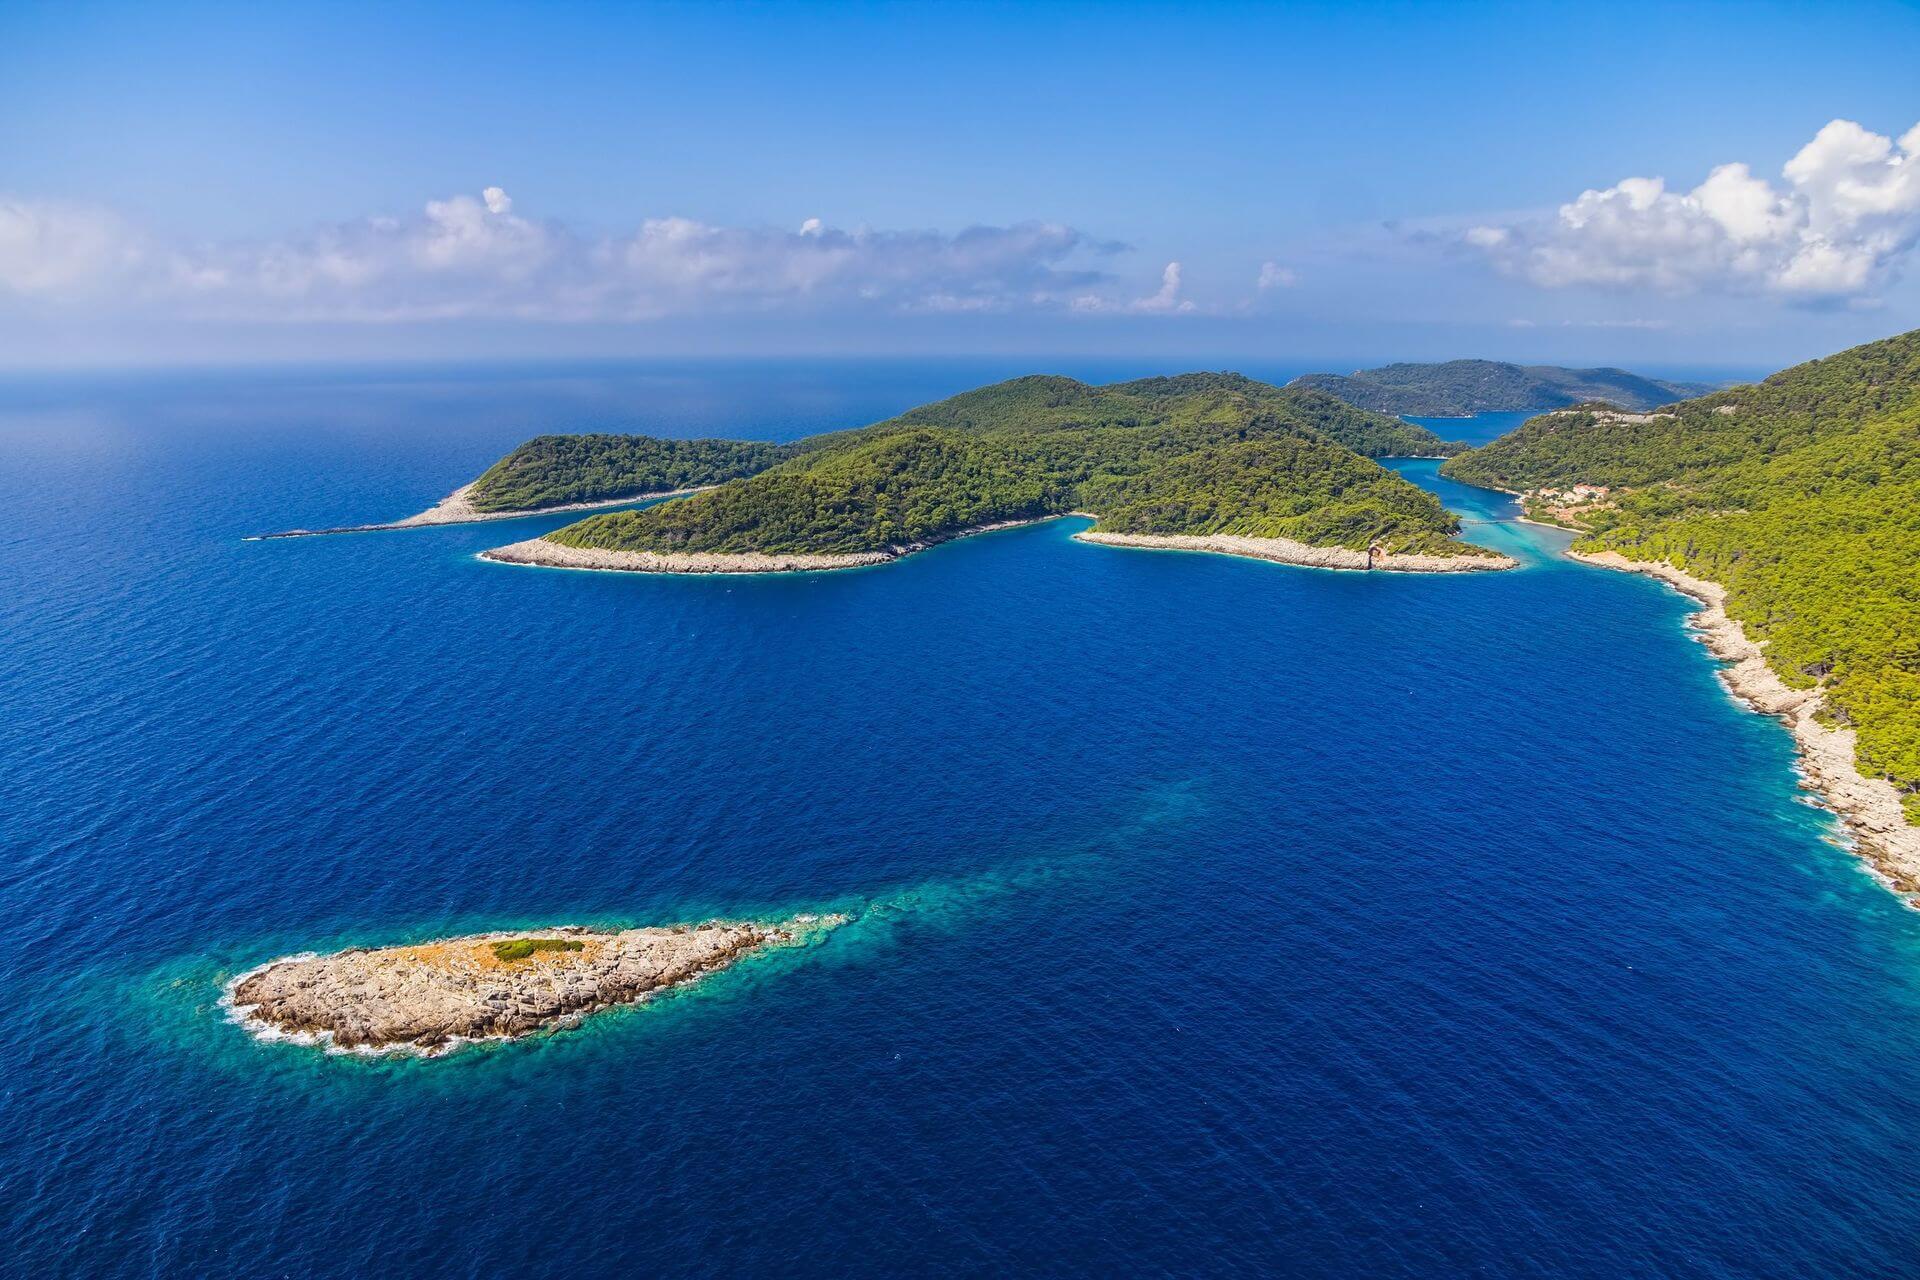 Mljet island yacht tours